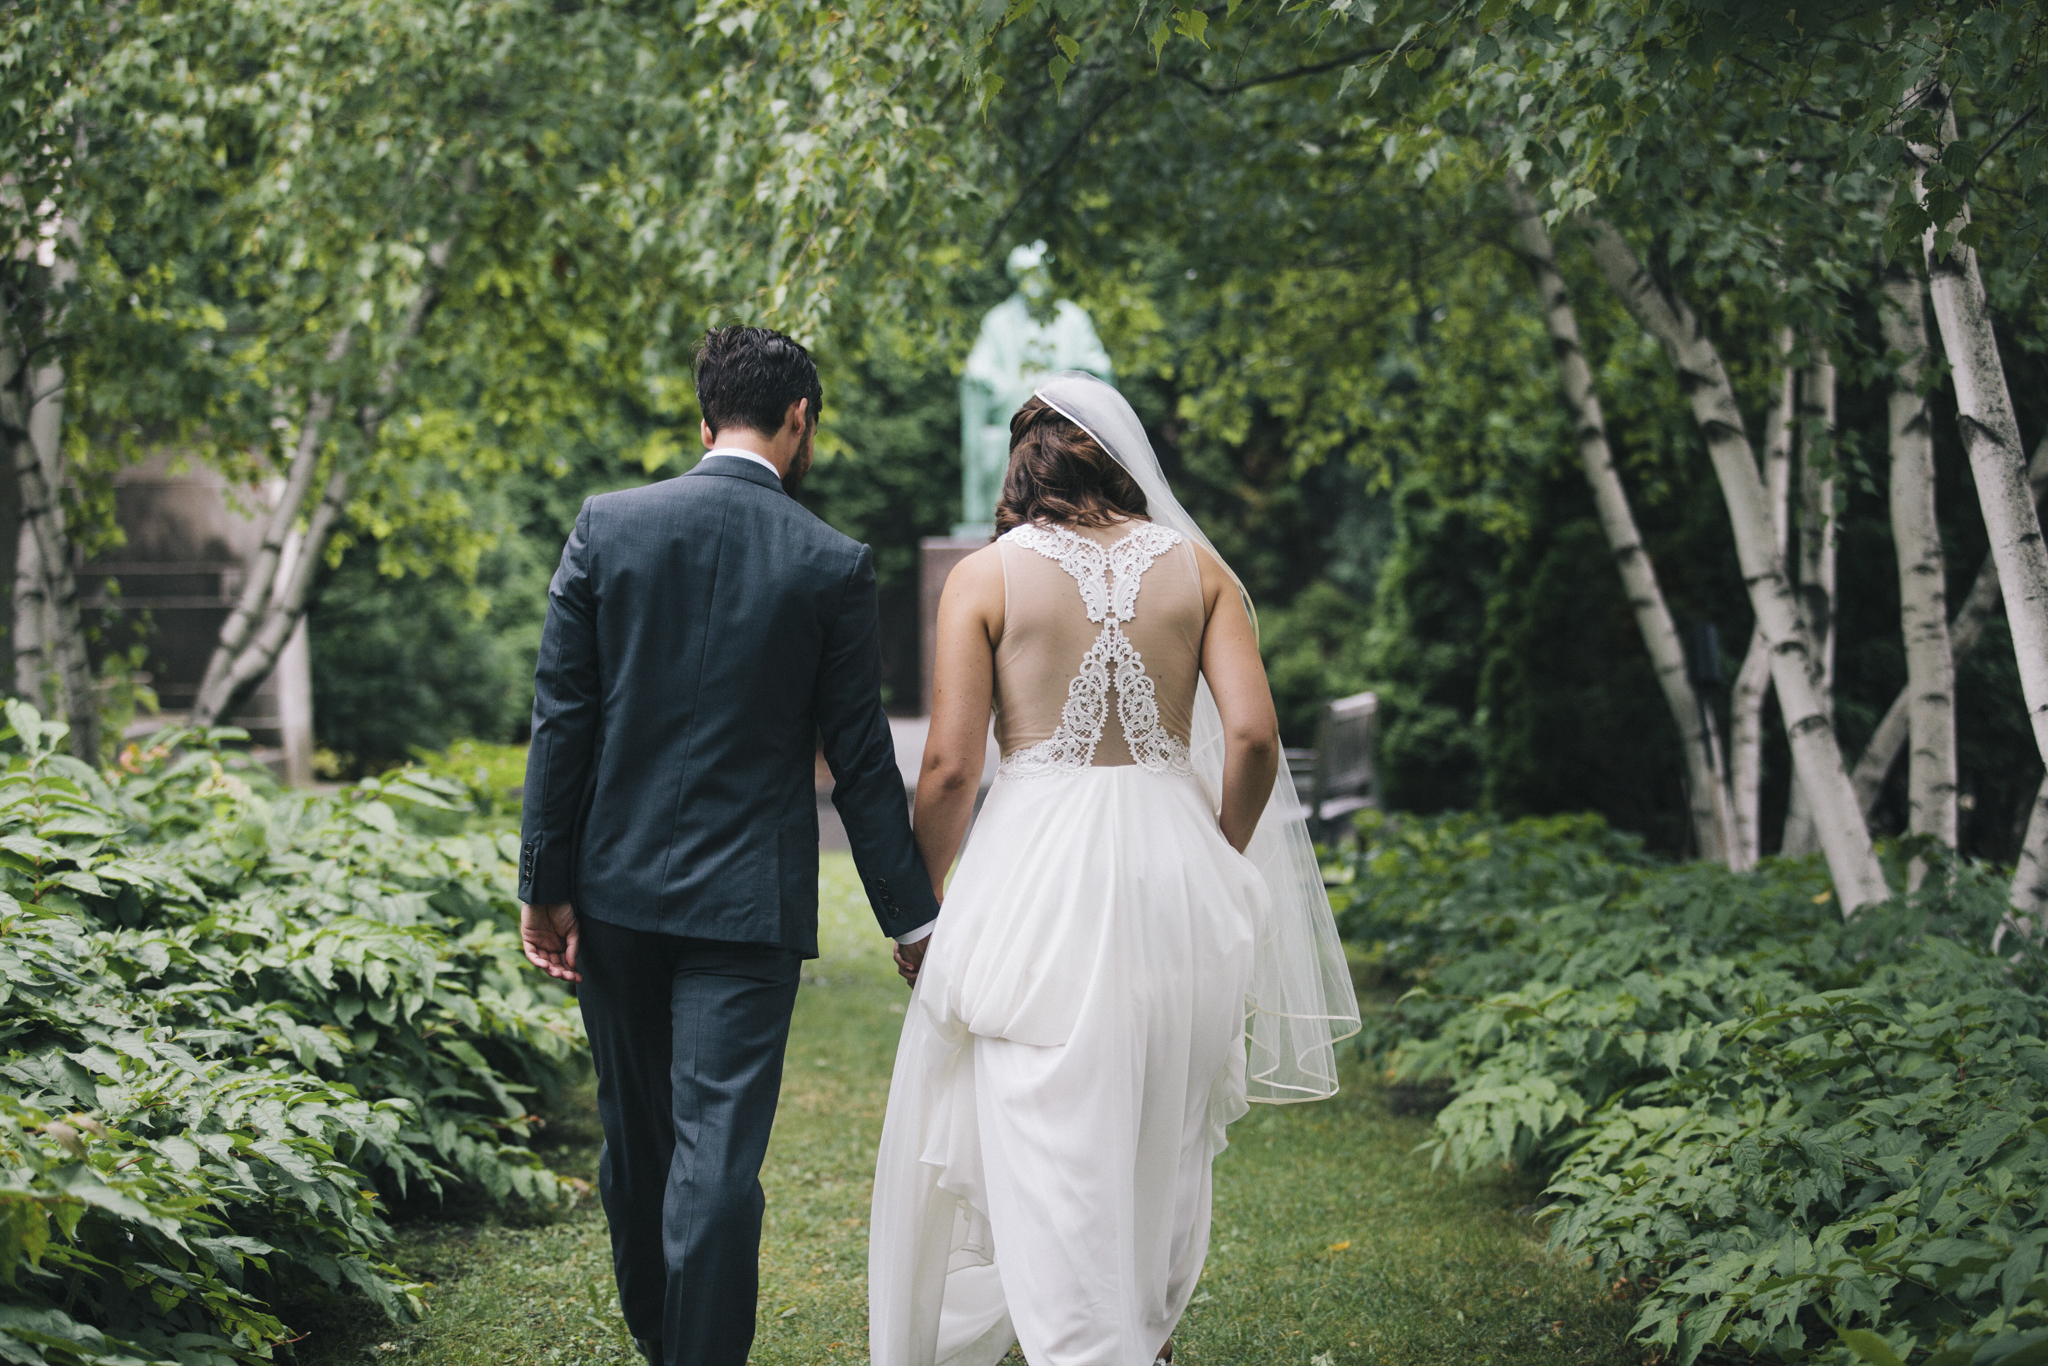 harlan_megmike_wedding_34.jpg